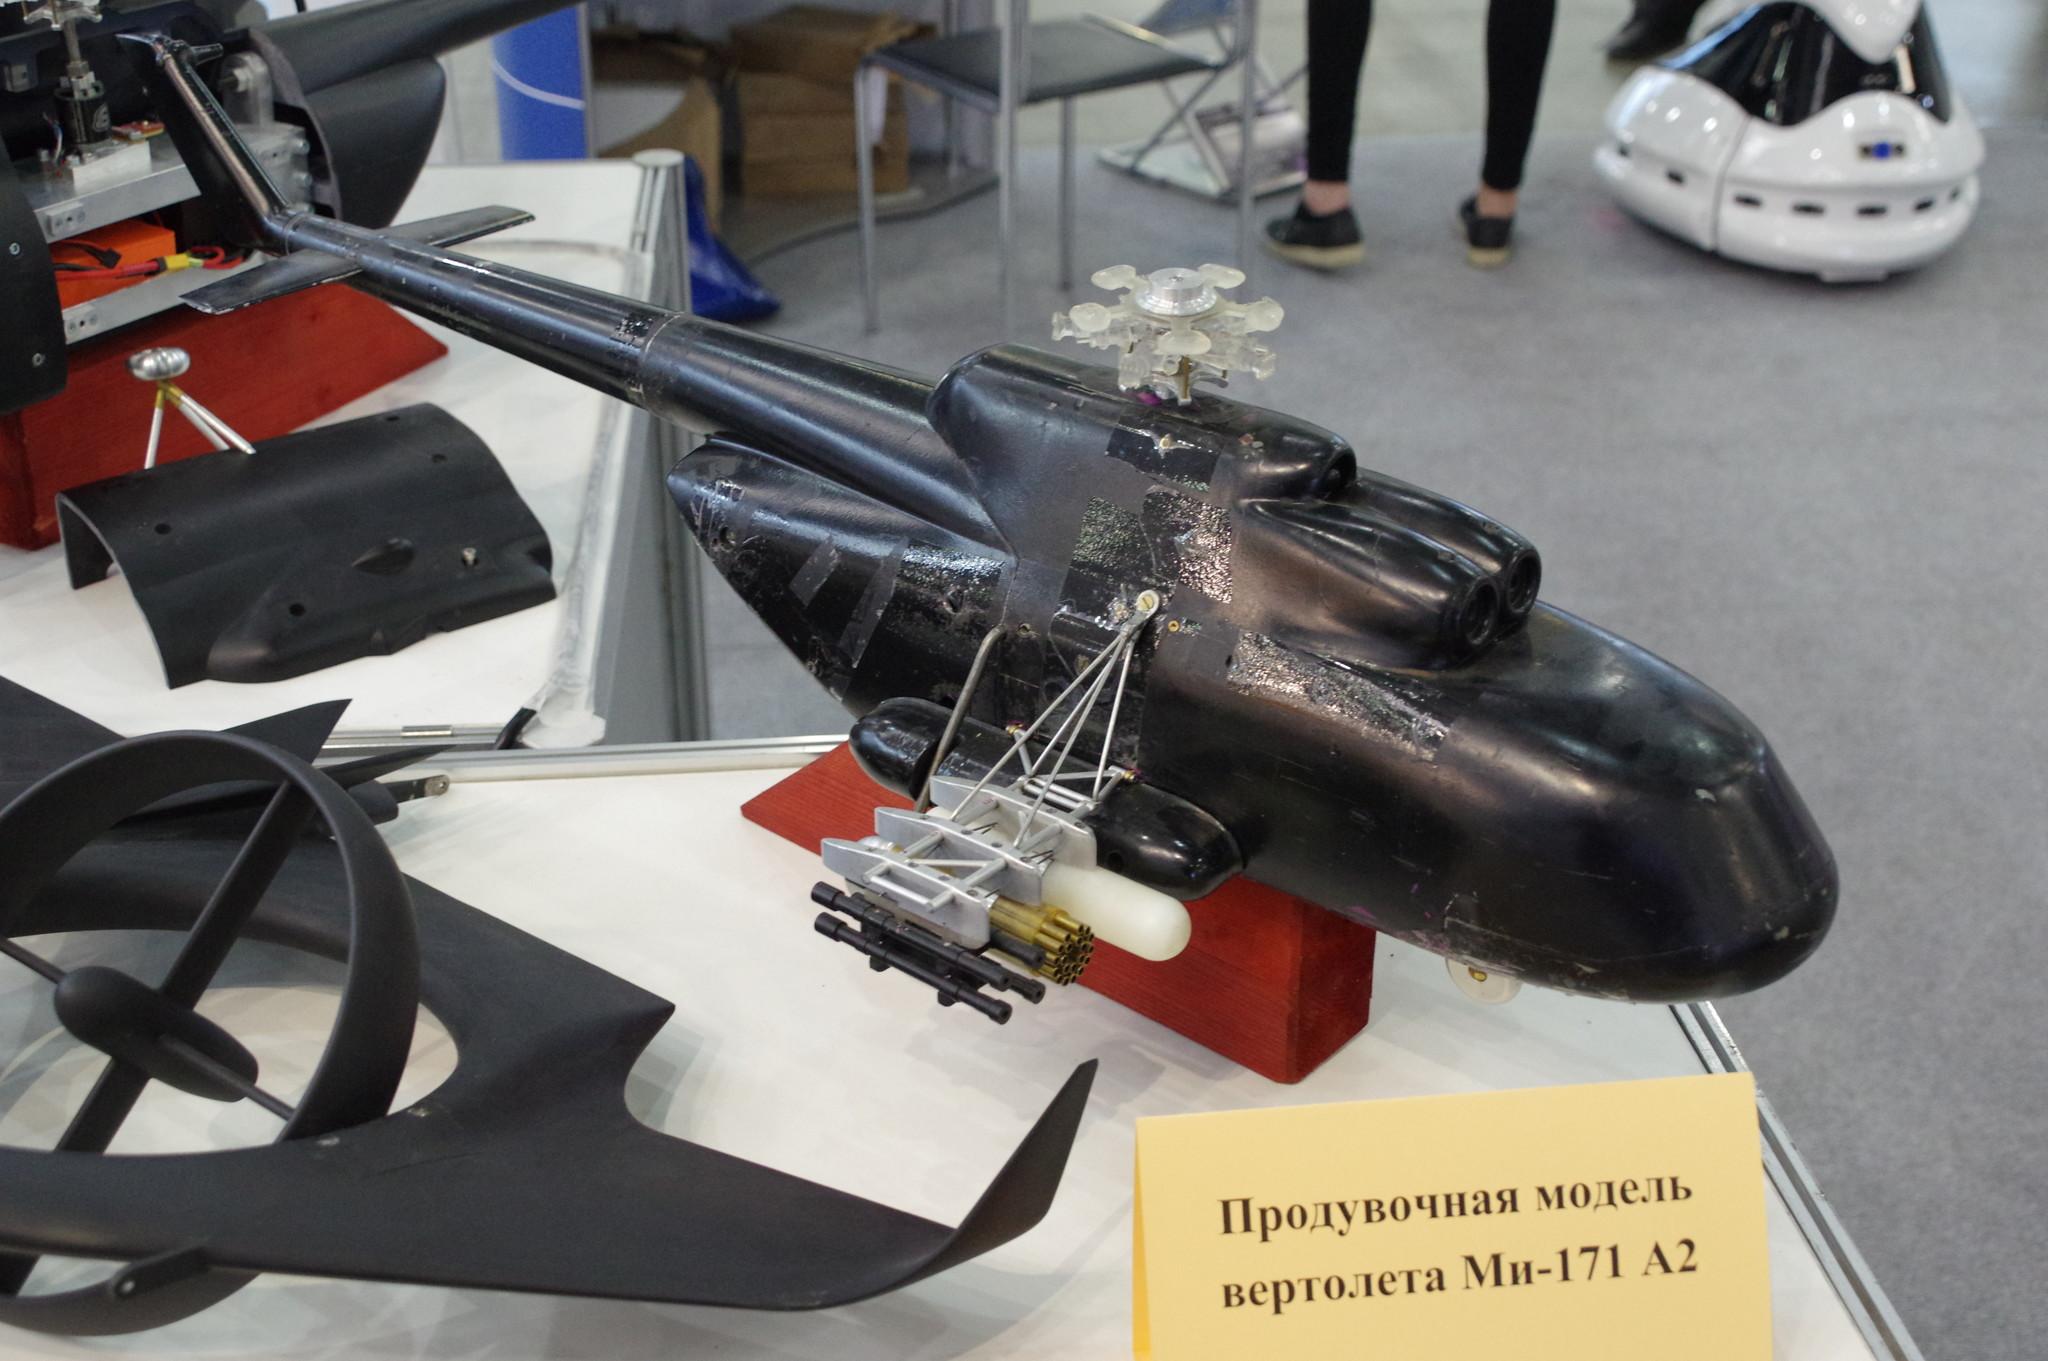 Продувочная модель вертолёта Ми-171А2